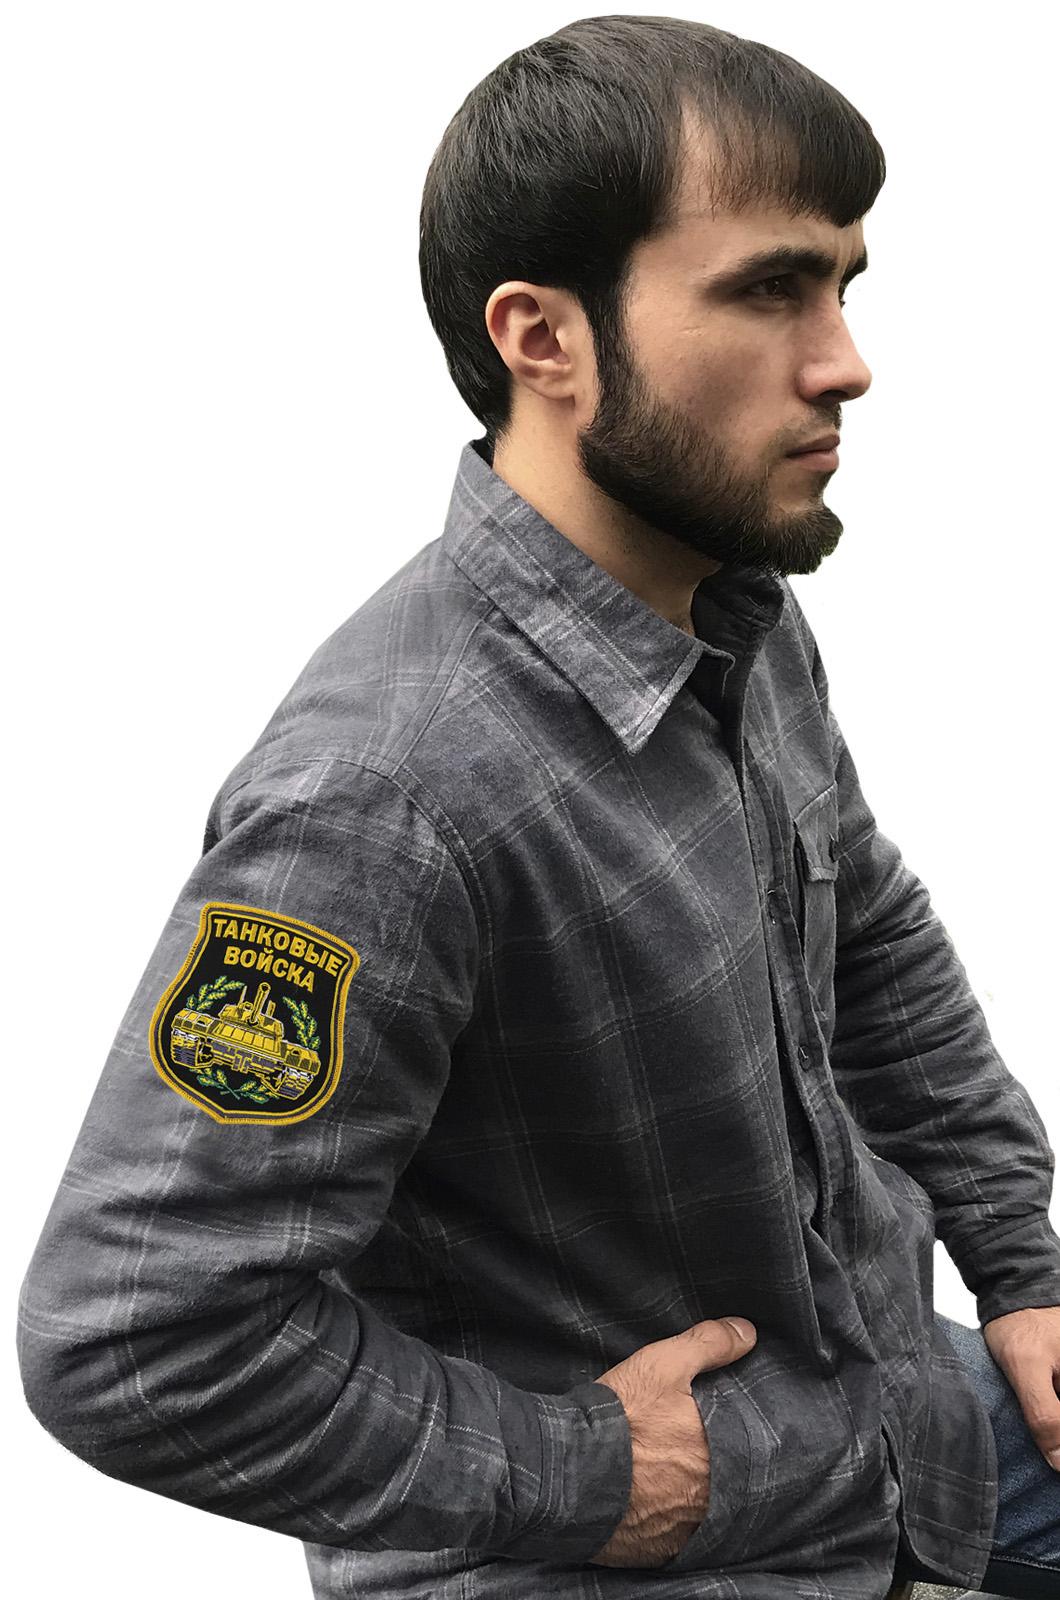 Купить в интернет магазине рубашку танкиста